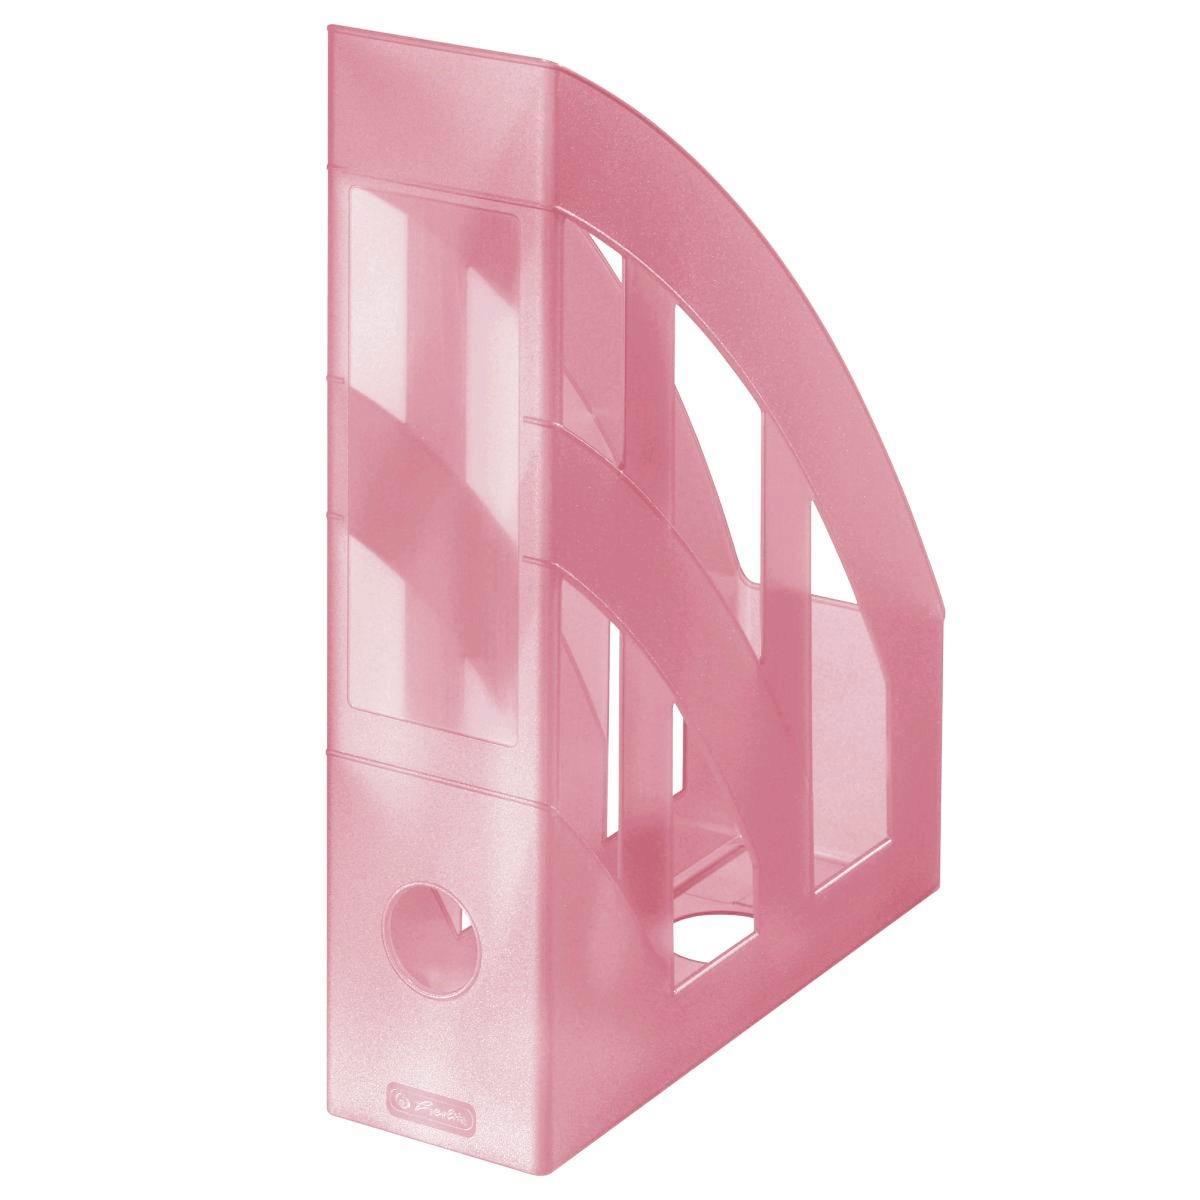 Лоток для бумаг вертикальный Herlitz 7.5см Pastel Rose прозрачный розовый